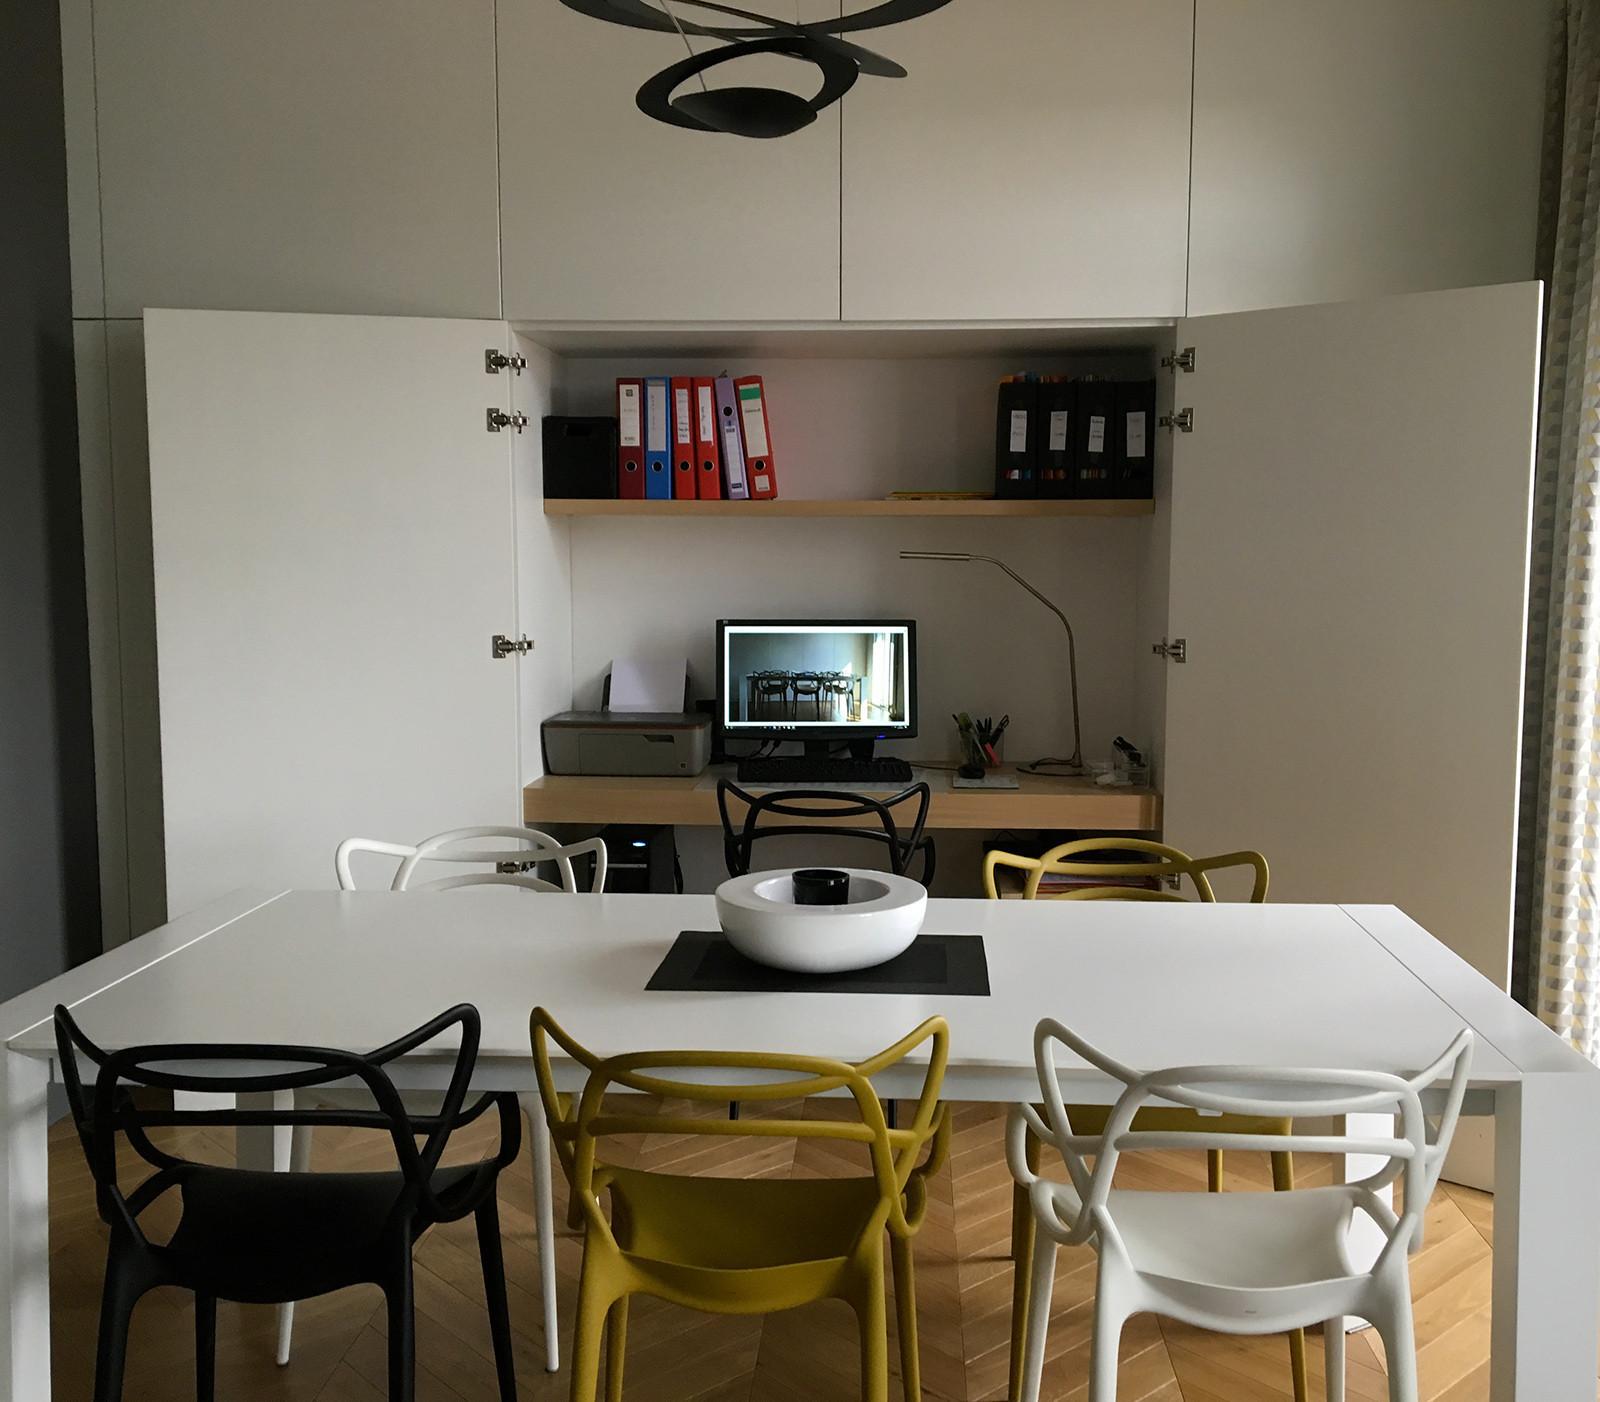 bdd4a6db85f Conception de mobilier   d équipements personnalisés